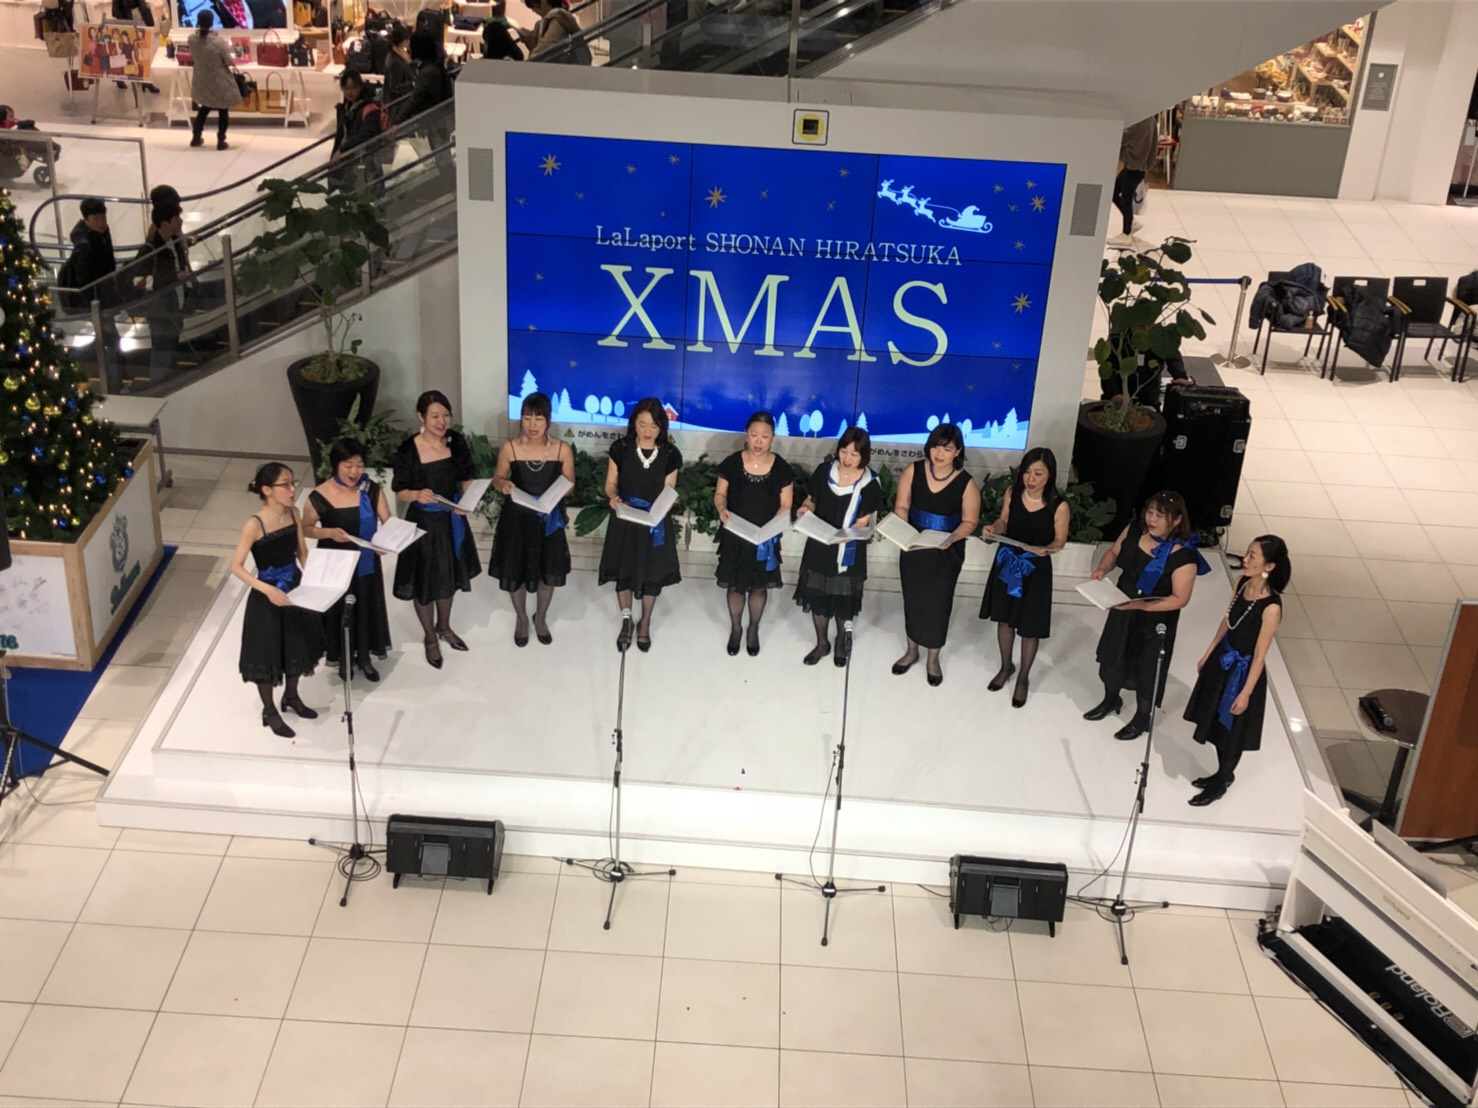 クリスマスの歌は2曲のクリコンでした